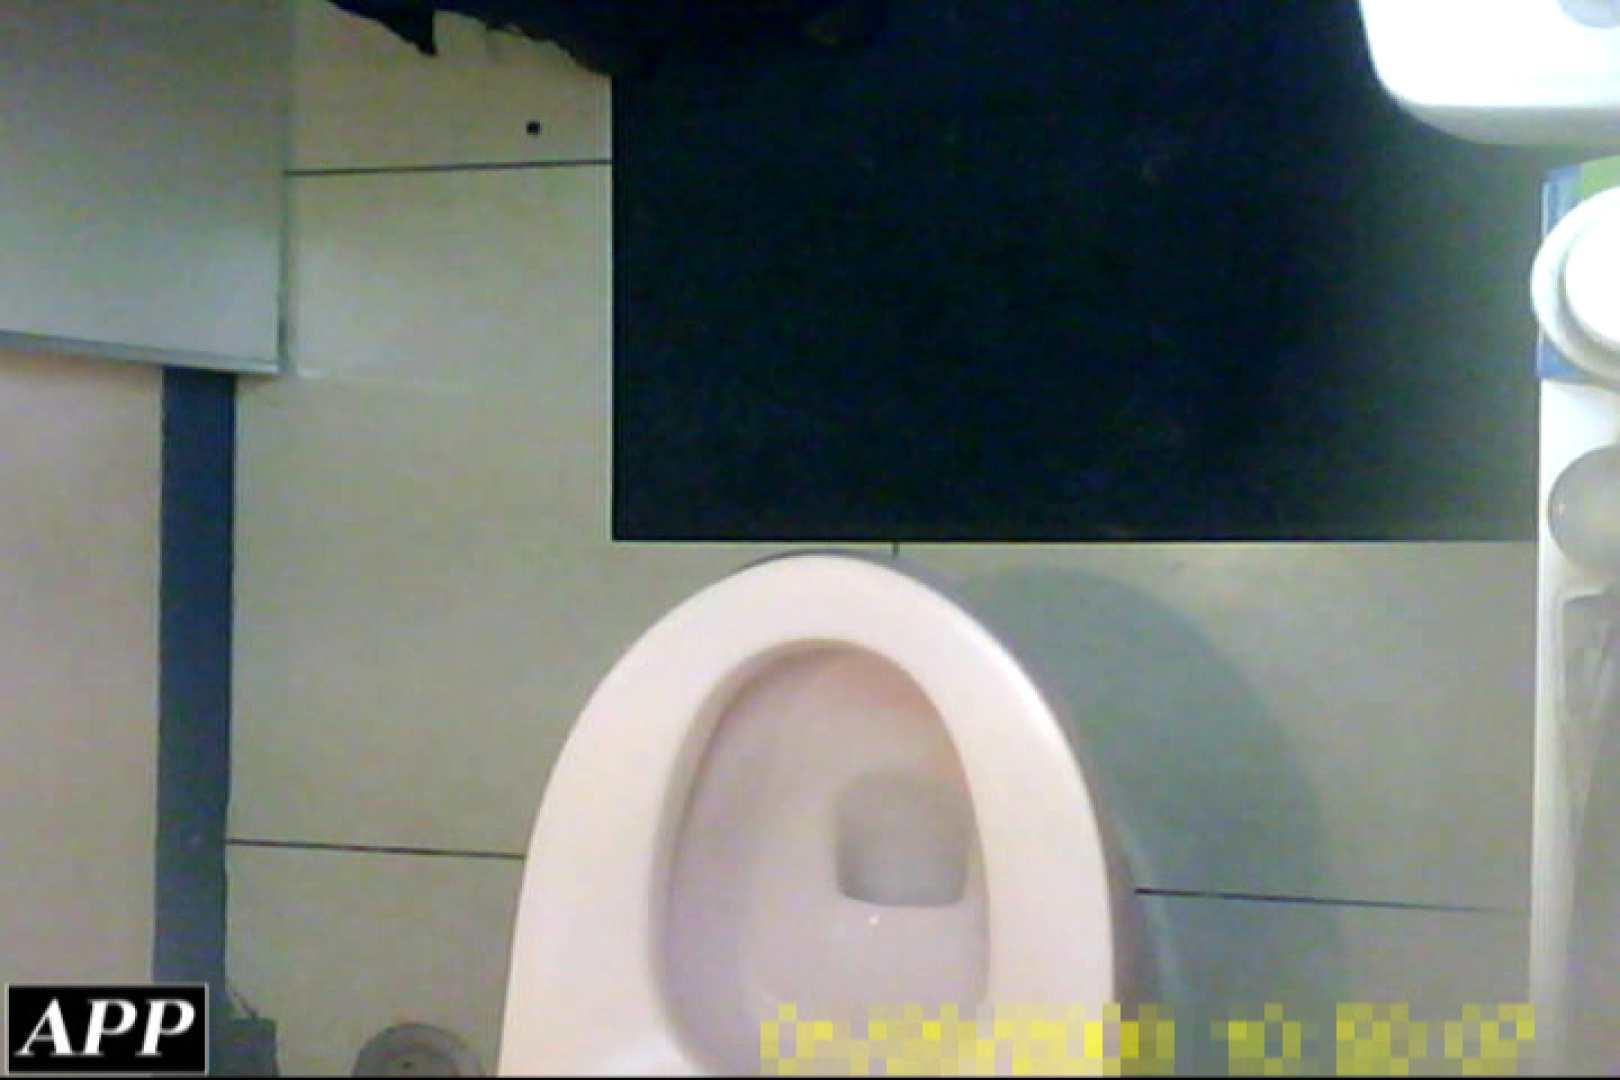 3視点洗面所 vol.106 洗面所 のぞきおめこ無修正画像 48画像 40